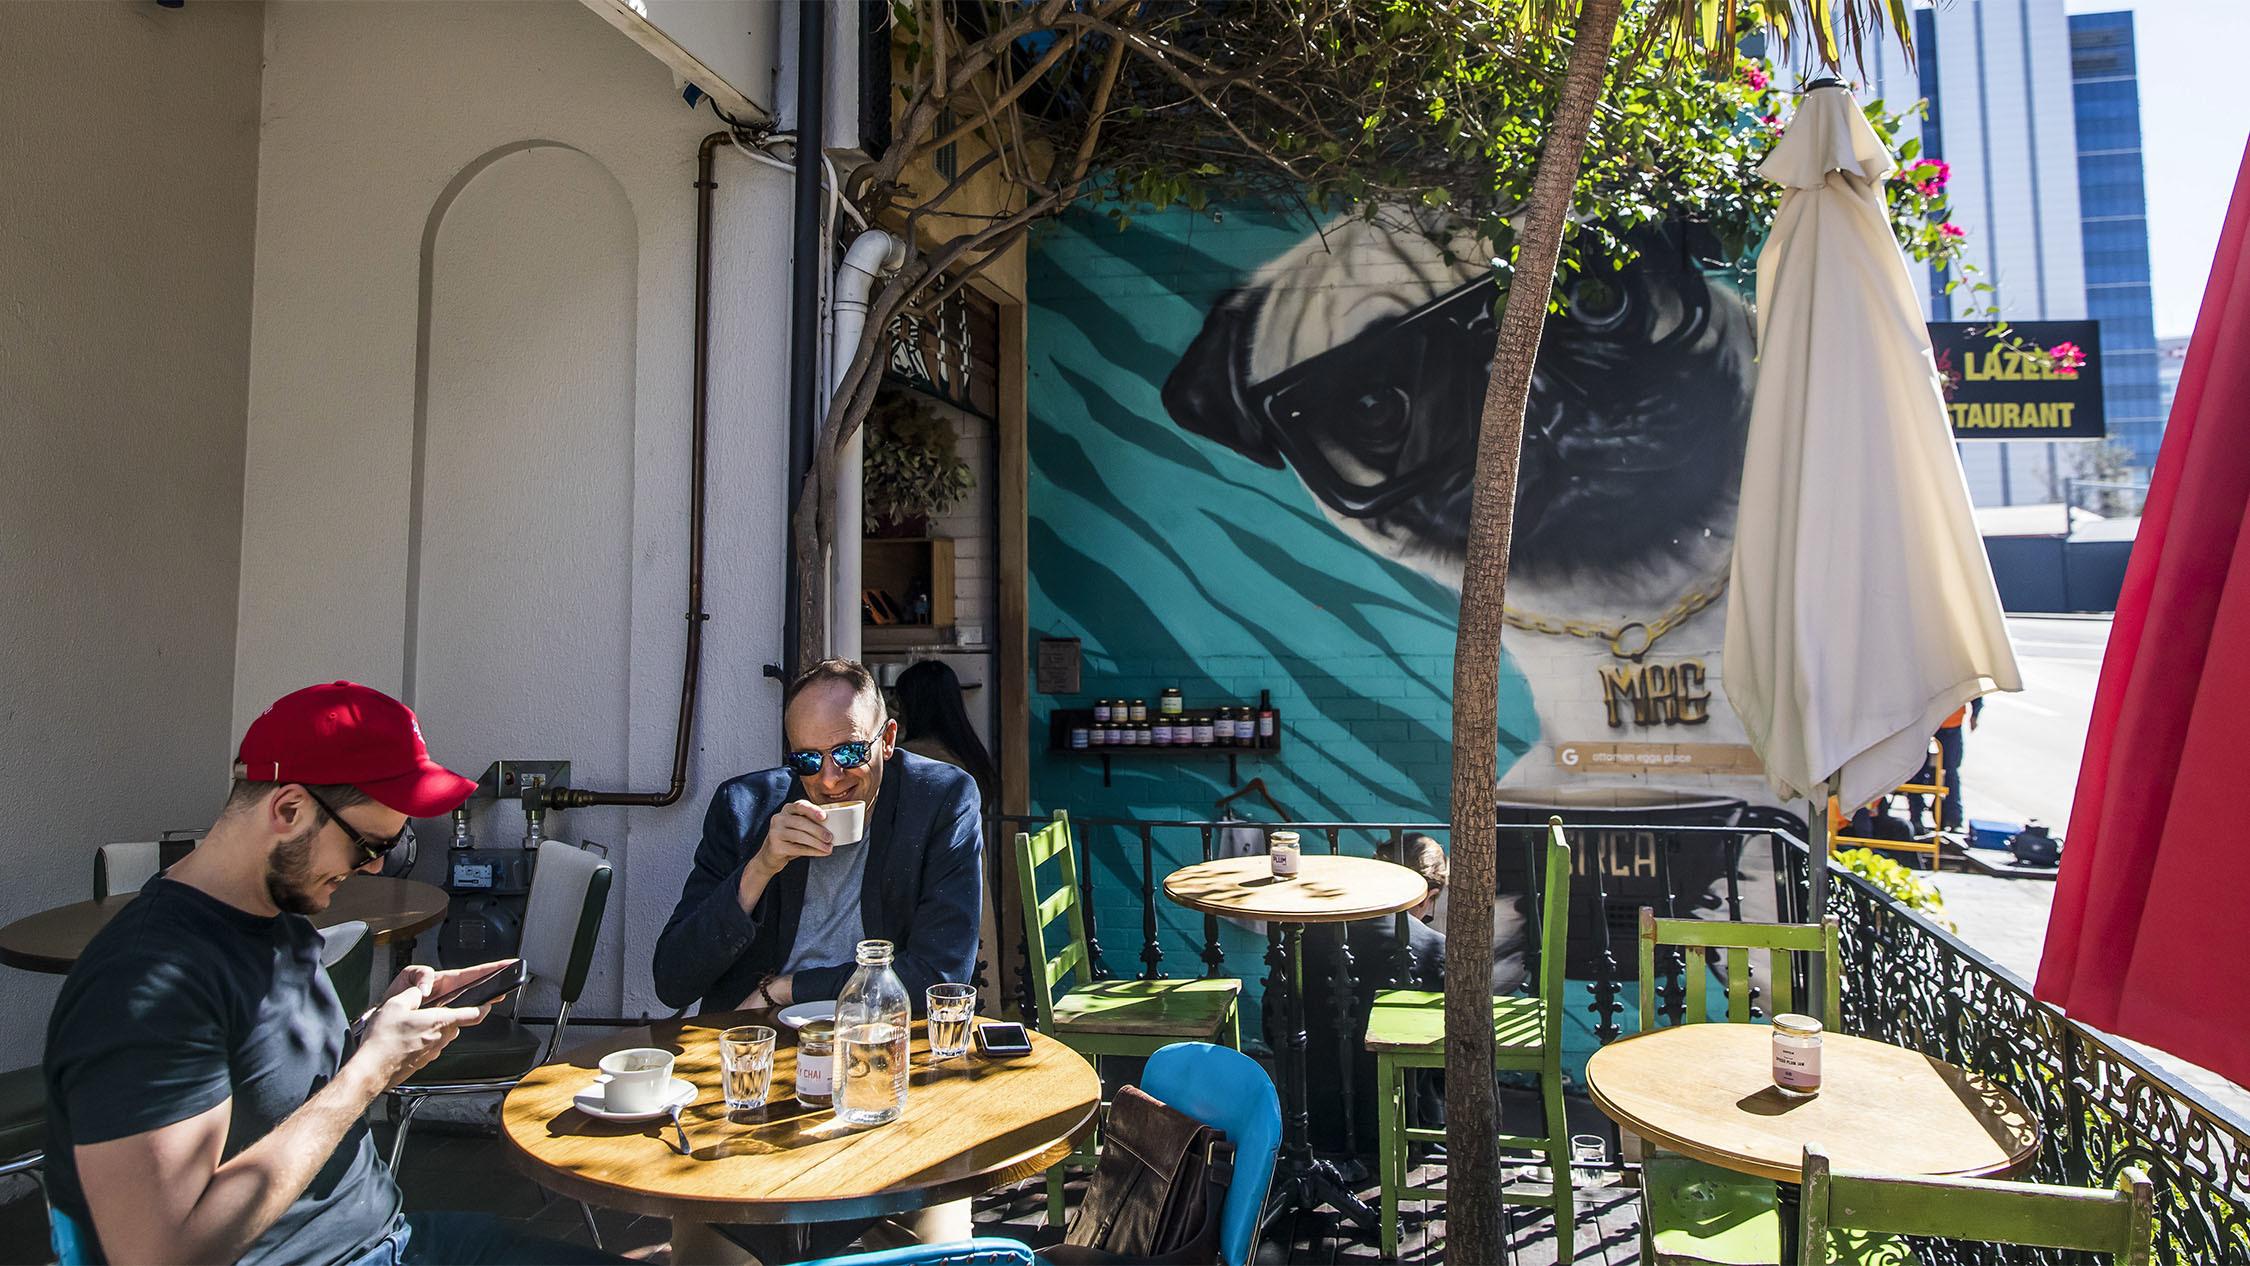 Outdoor dining at Circa Espresso